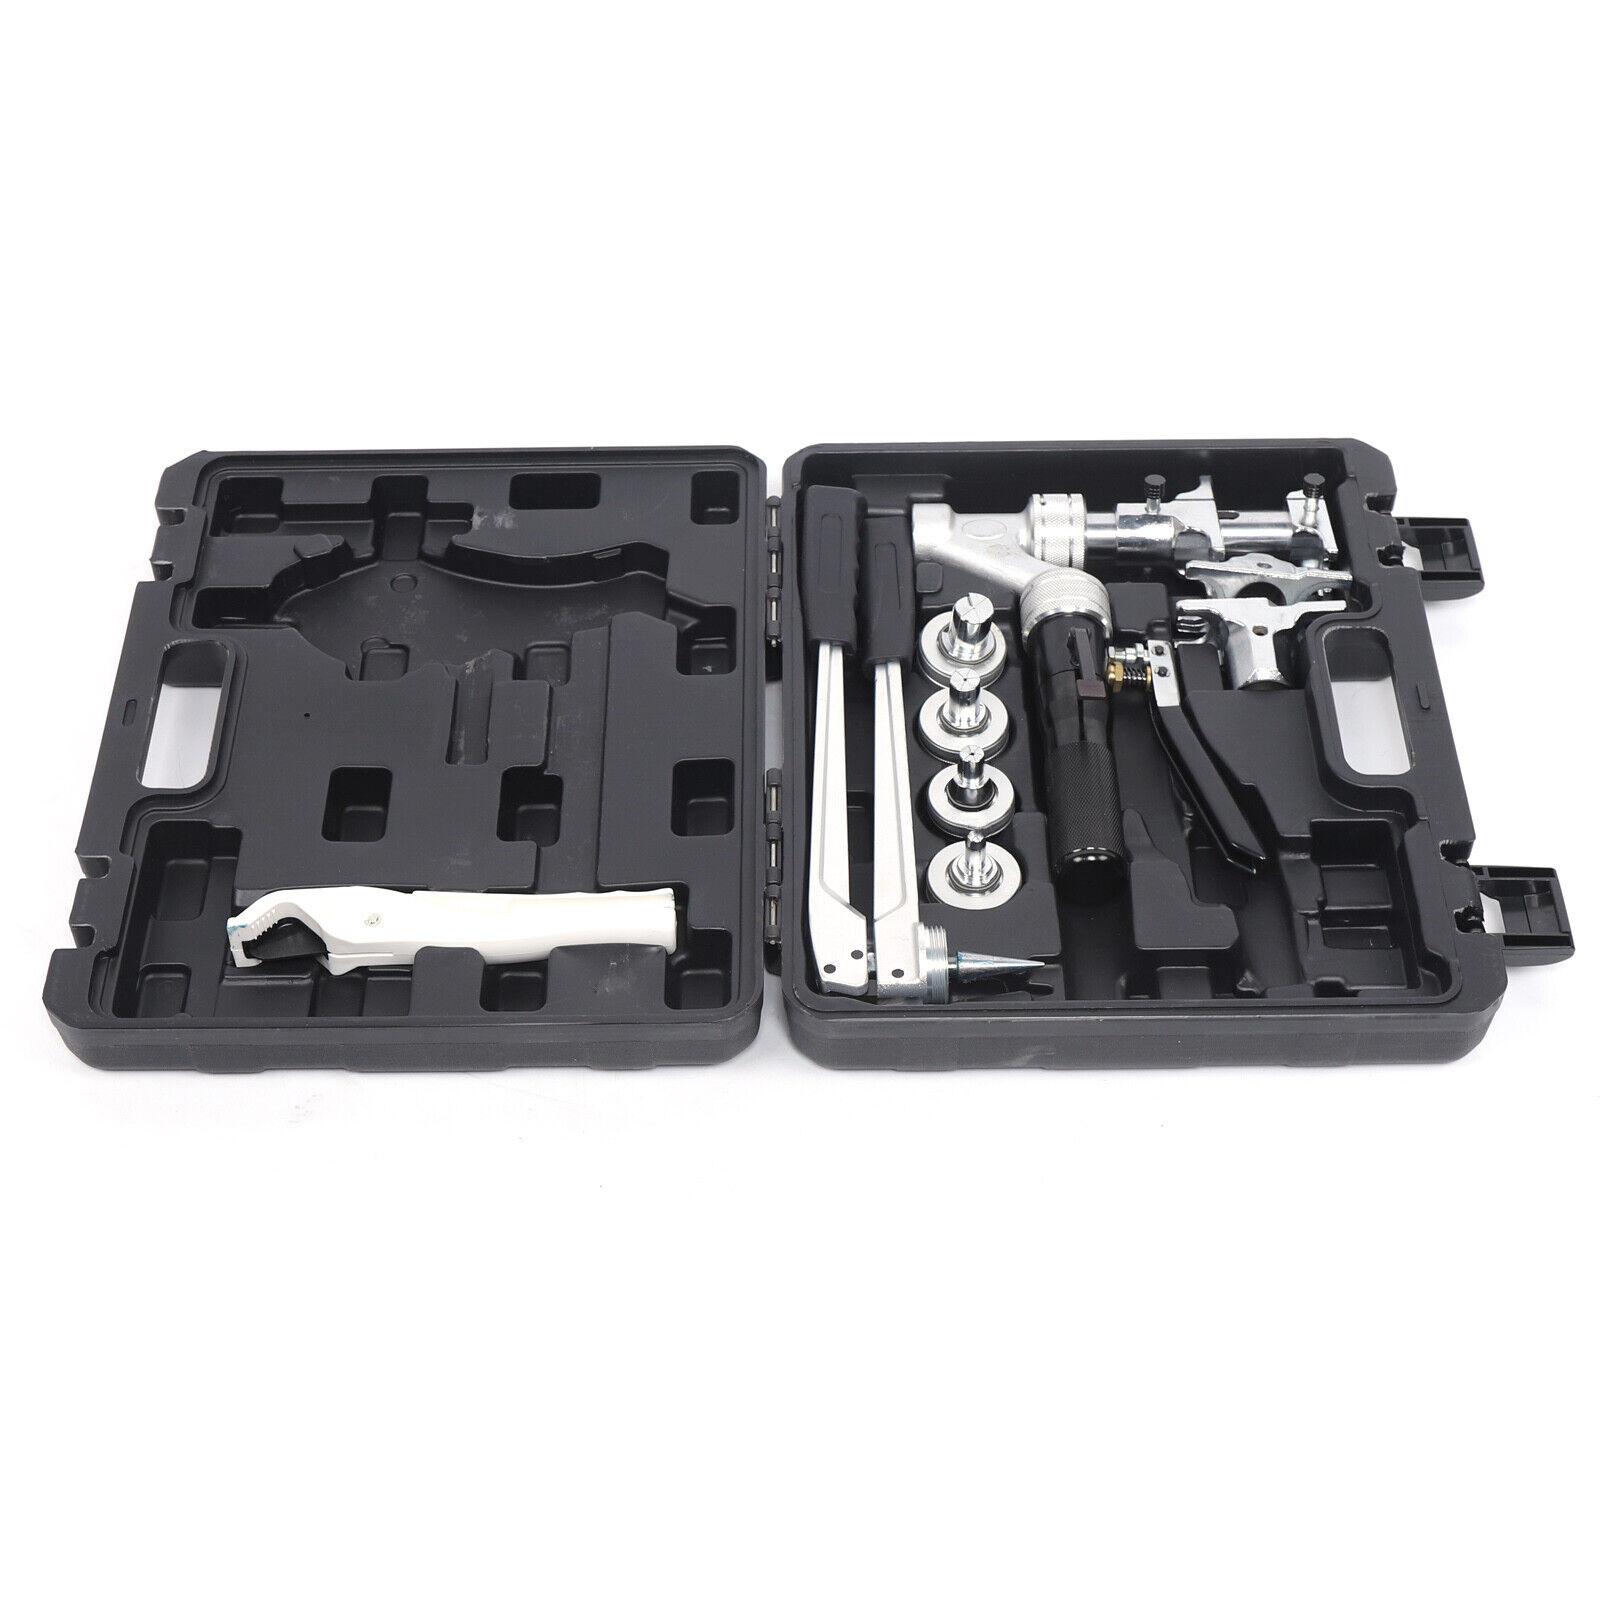 SD-1632 Schiebehülsenwerkzeug Presswerkzeug Verbundrohr Druckrohr für REHAU DHL